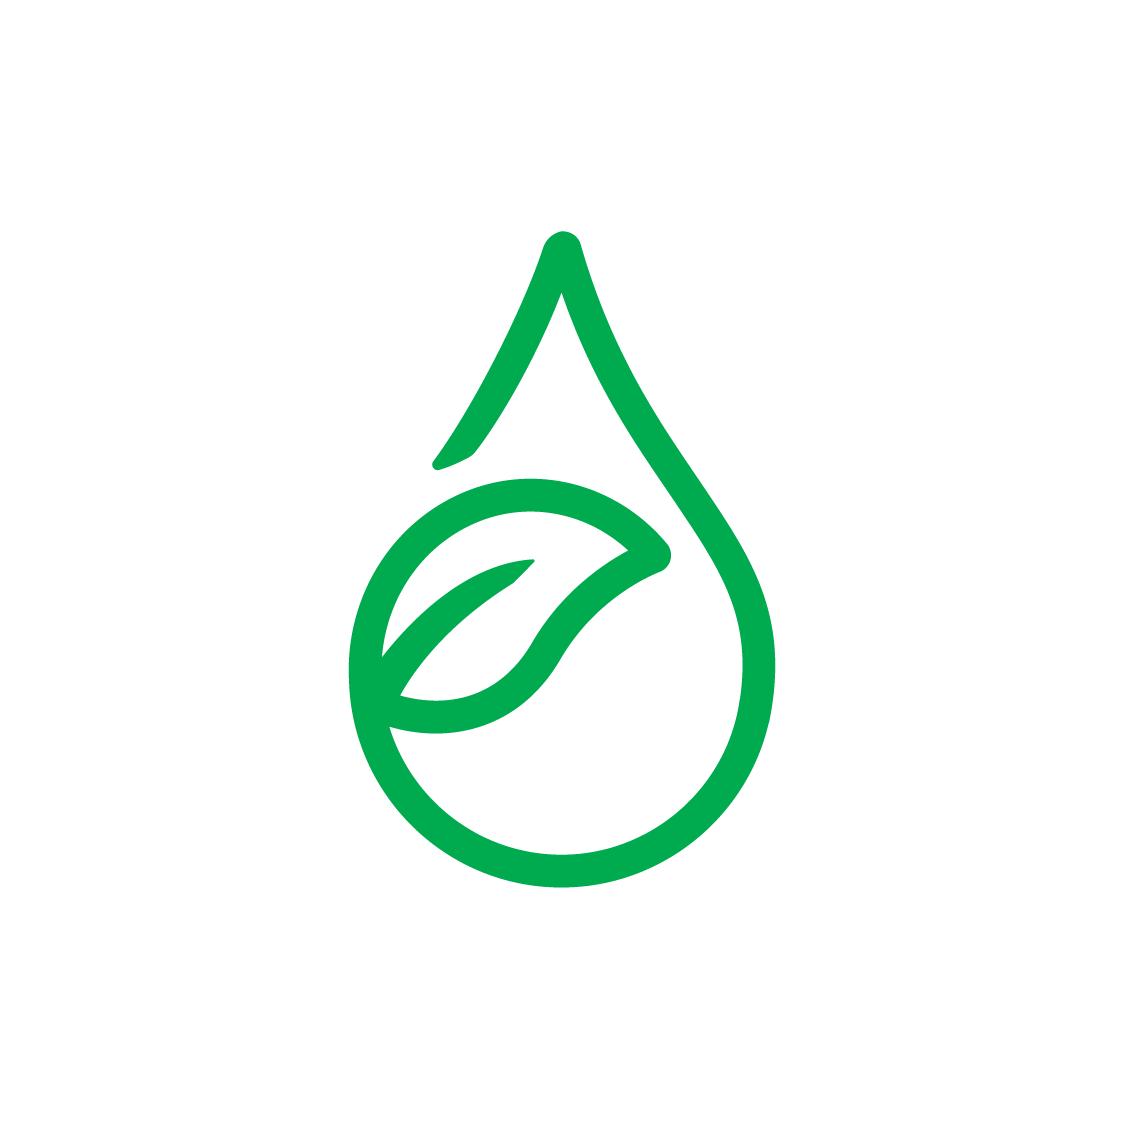 Eden Green Technology